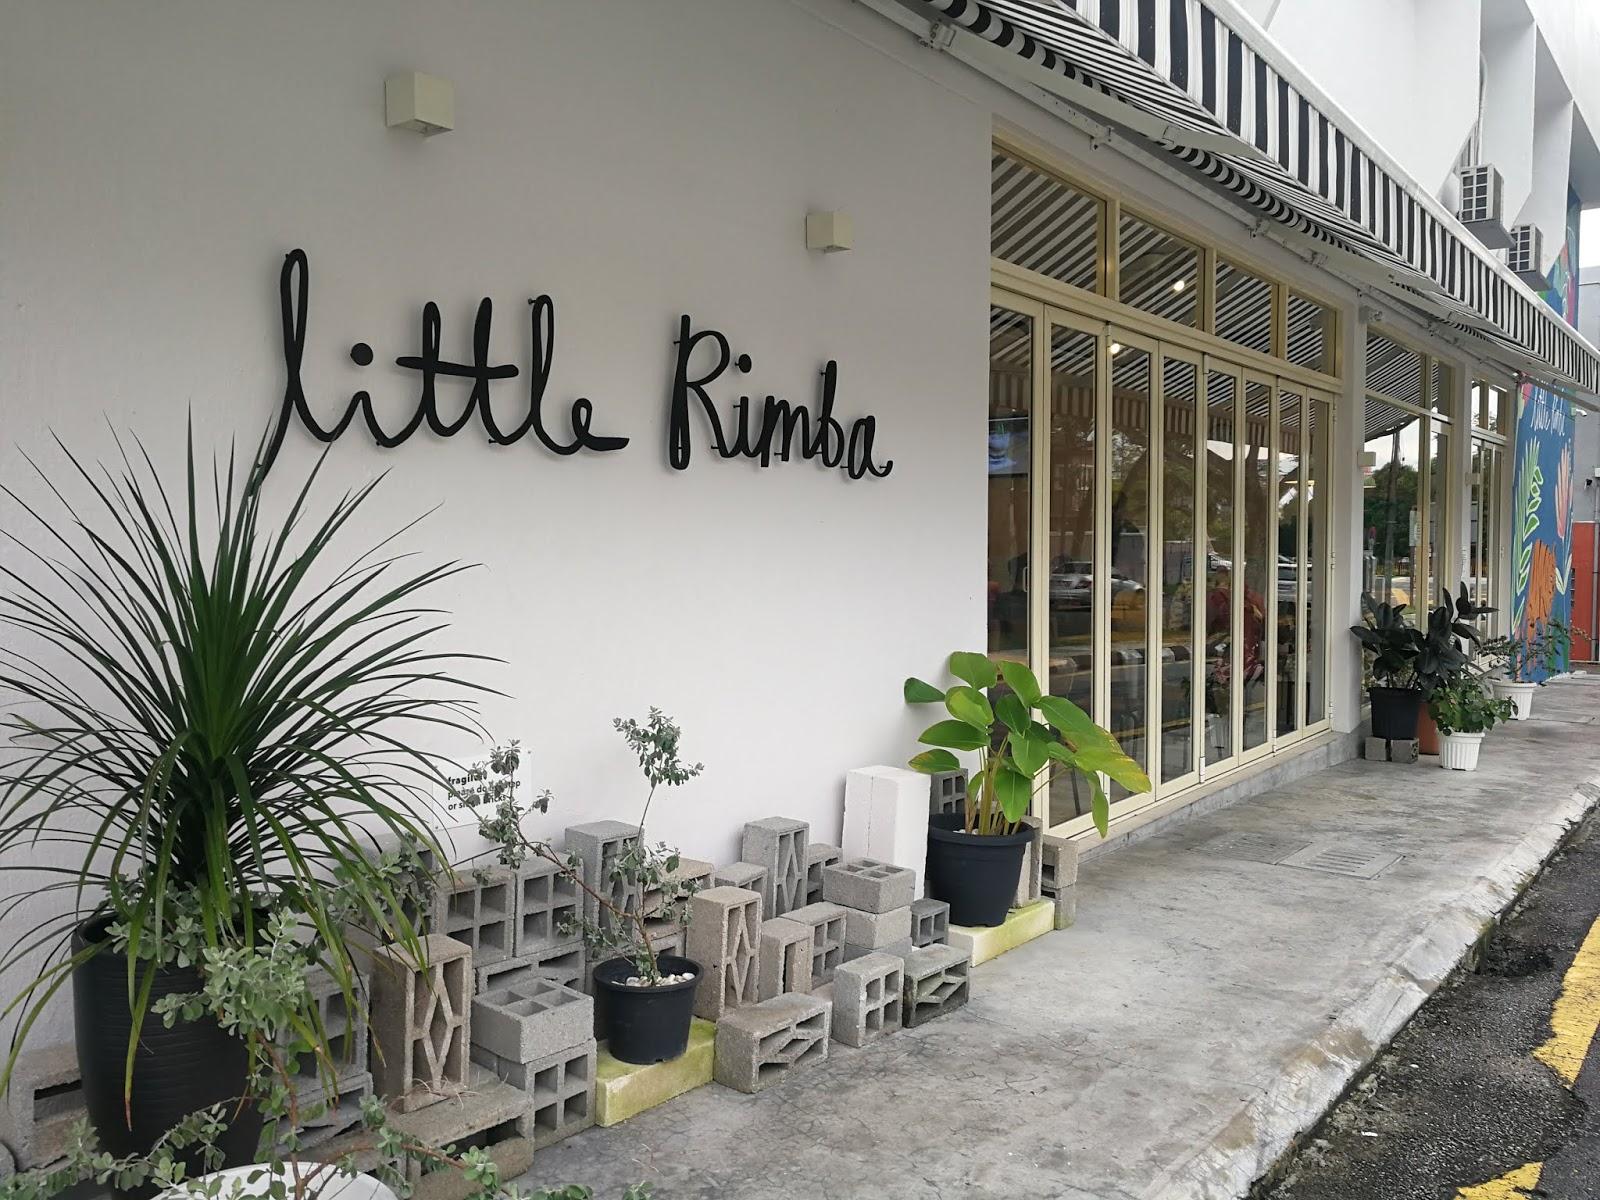 LITTLE RIMBA TTDI, MAKANAN, TEMPAT MAKAN SEDAP, tempat makan sedap di kl,